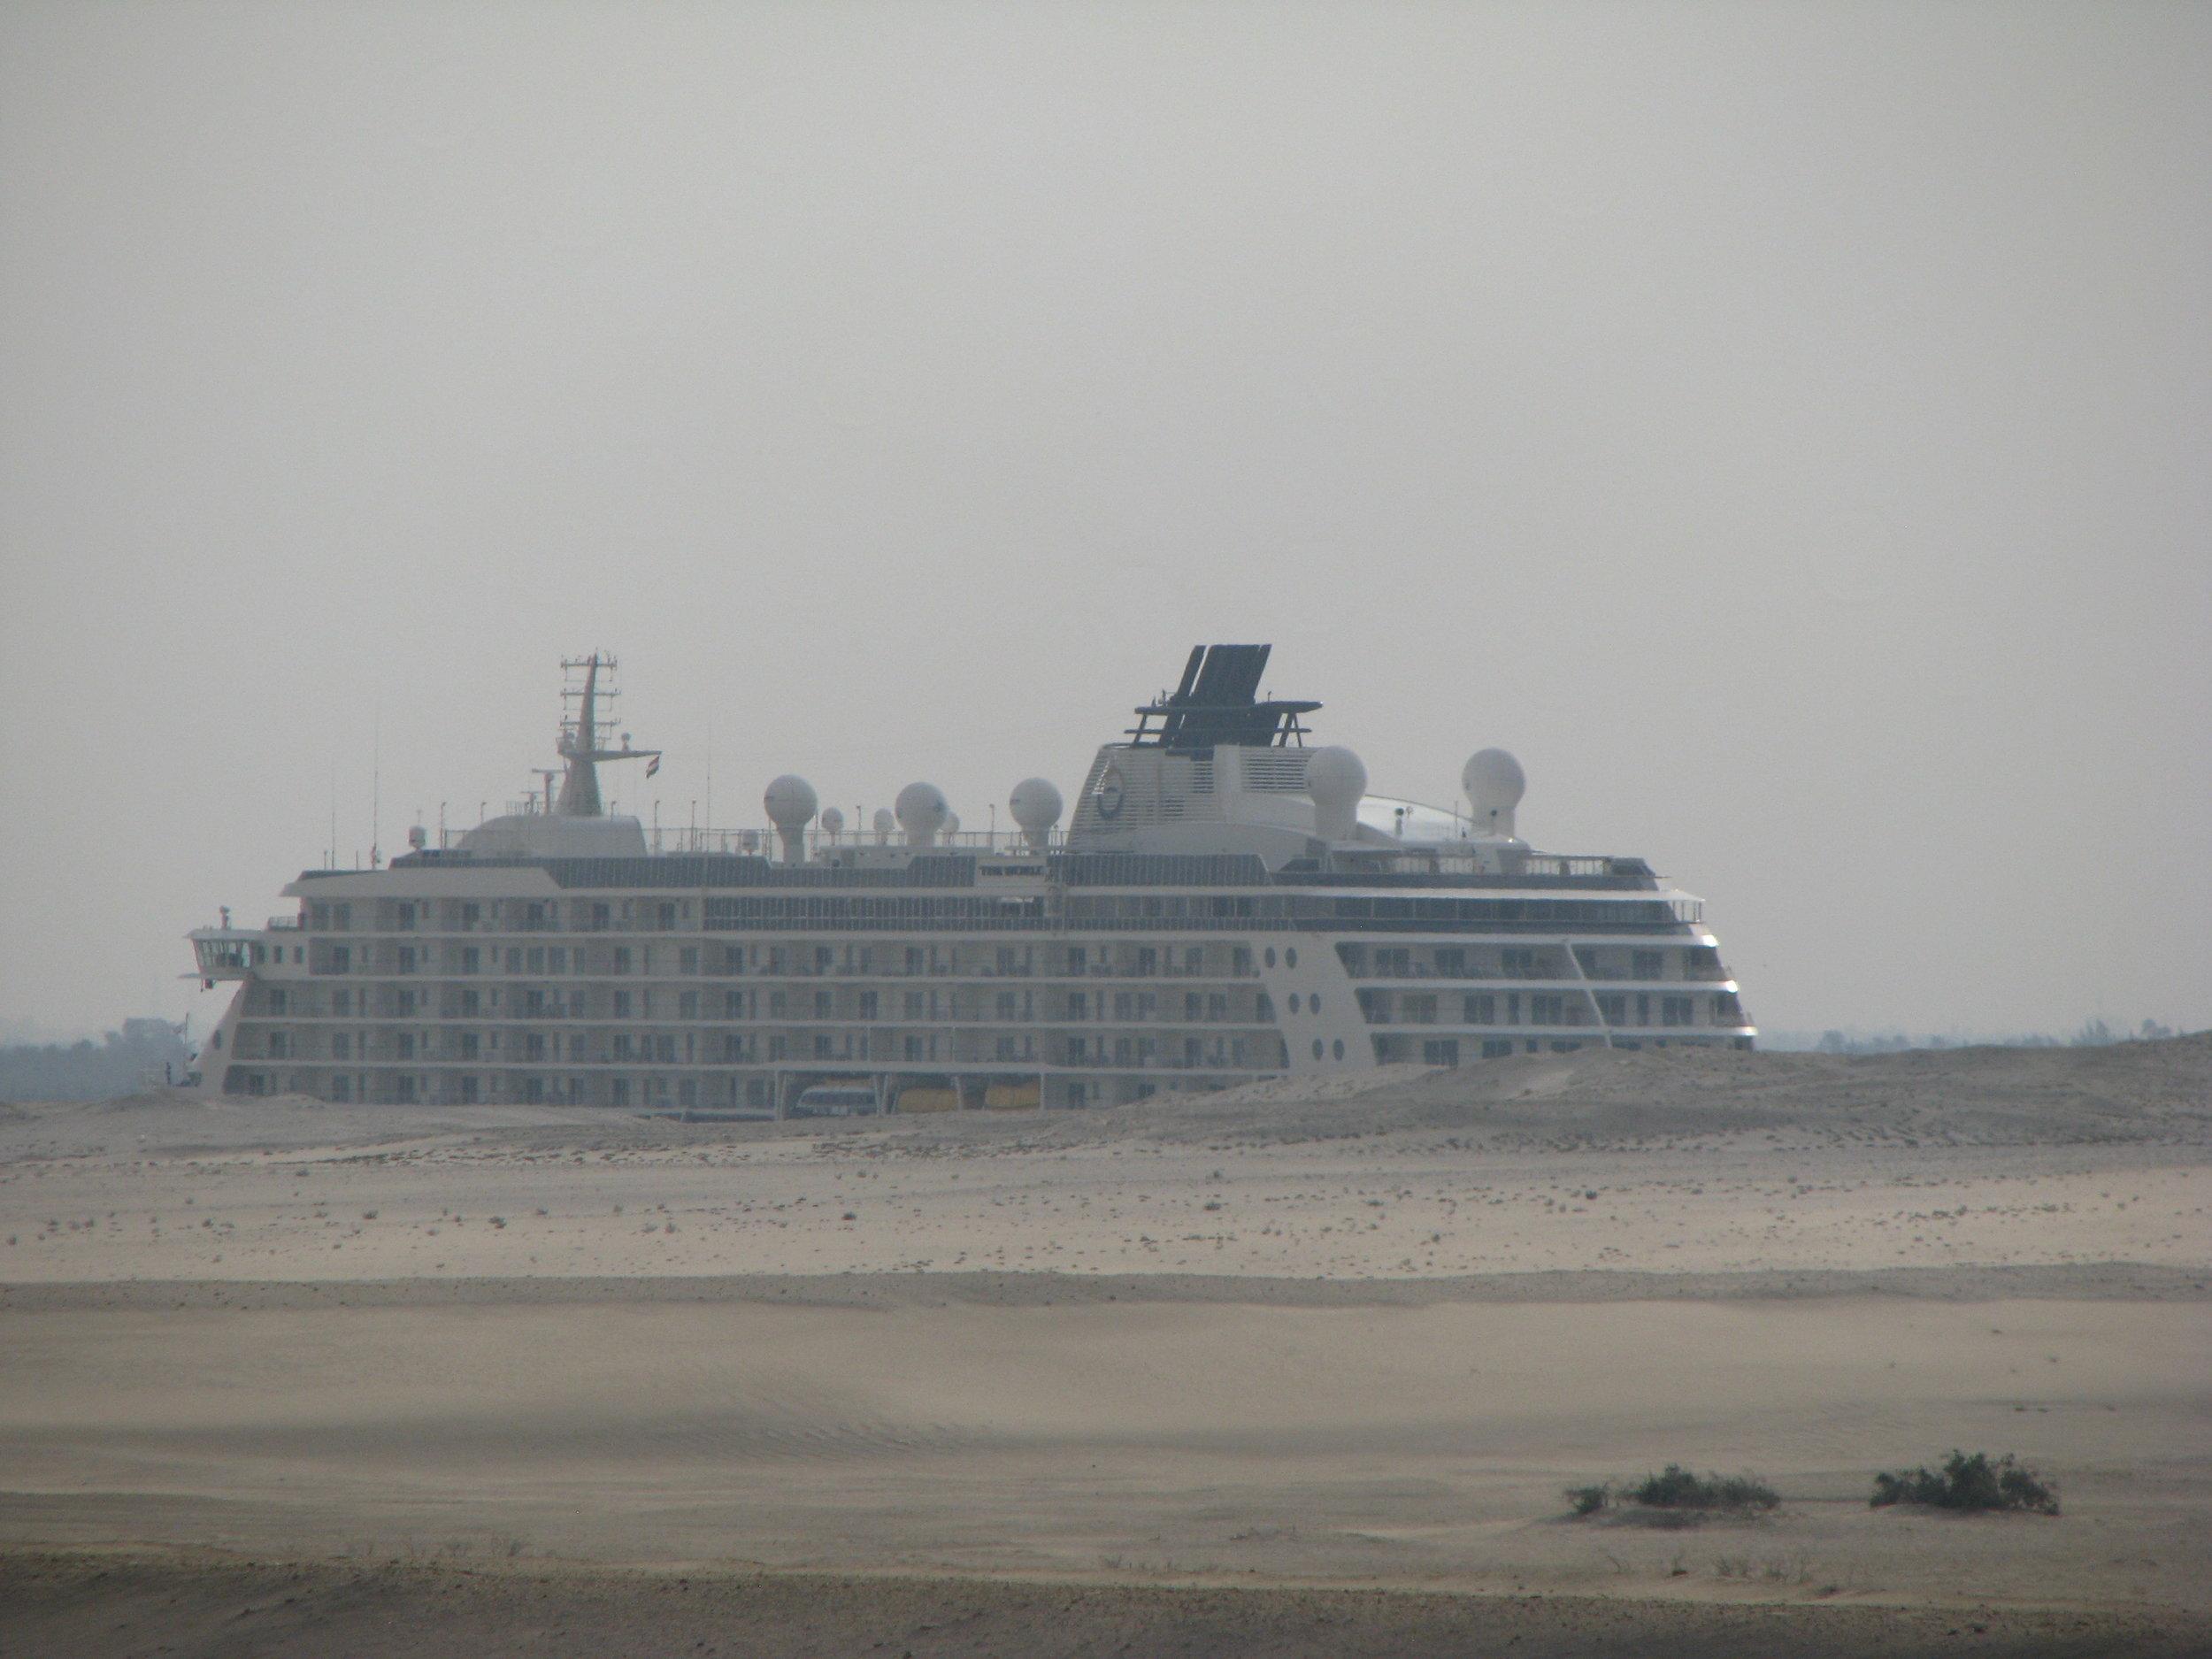 CruiseShipSuezSand.JPG